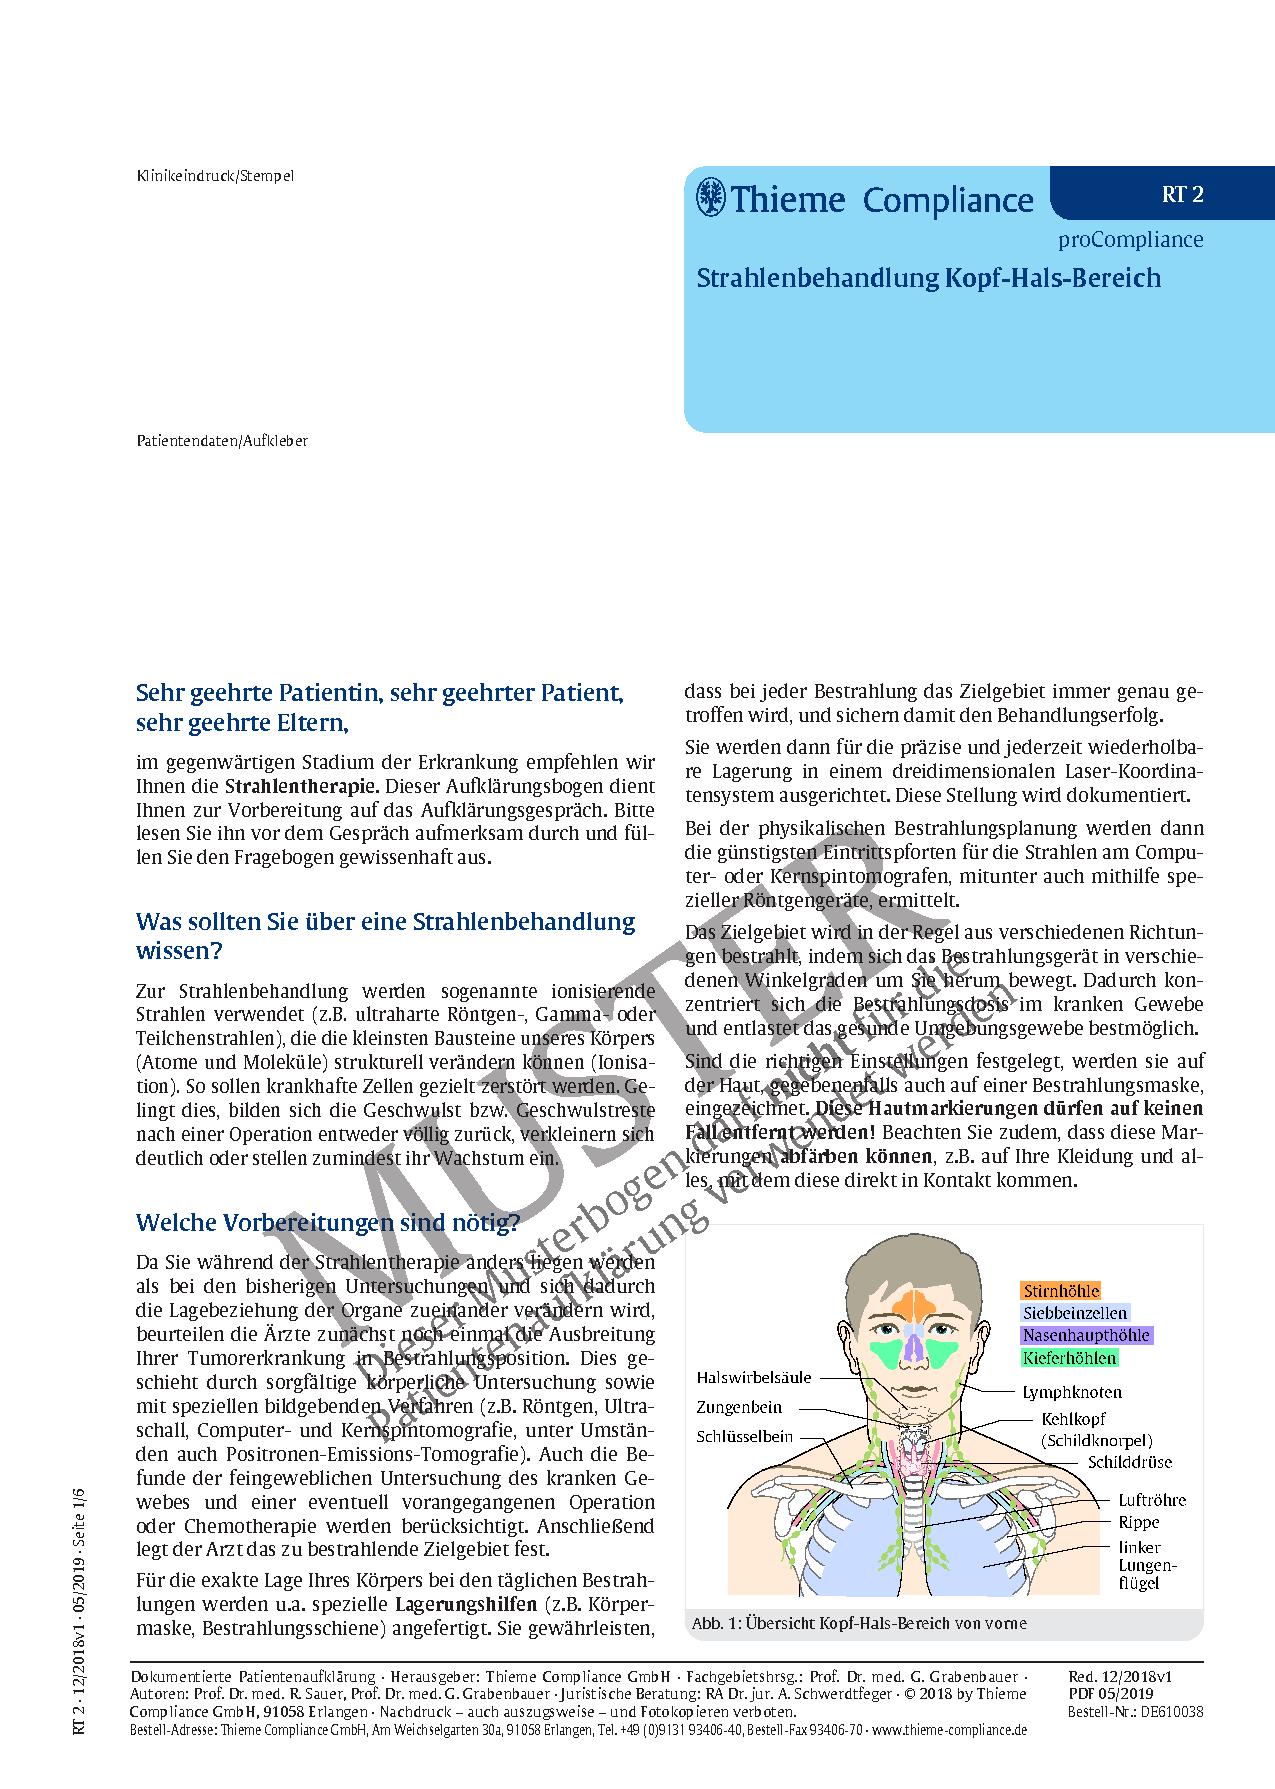 Großartig Kopf Und Hals Anatomie Videos Bilder - Anatomie Ideen ...